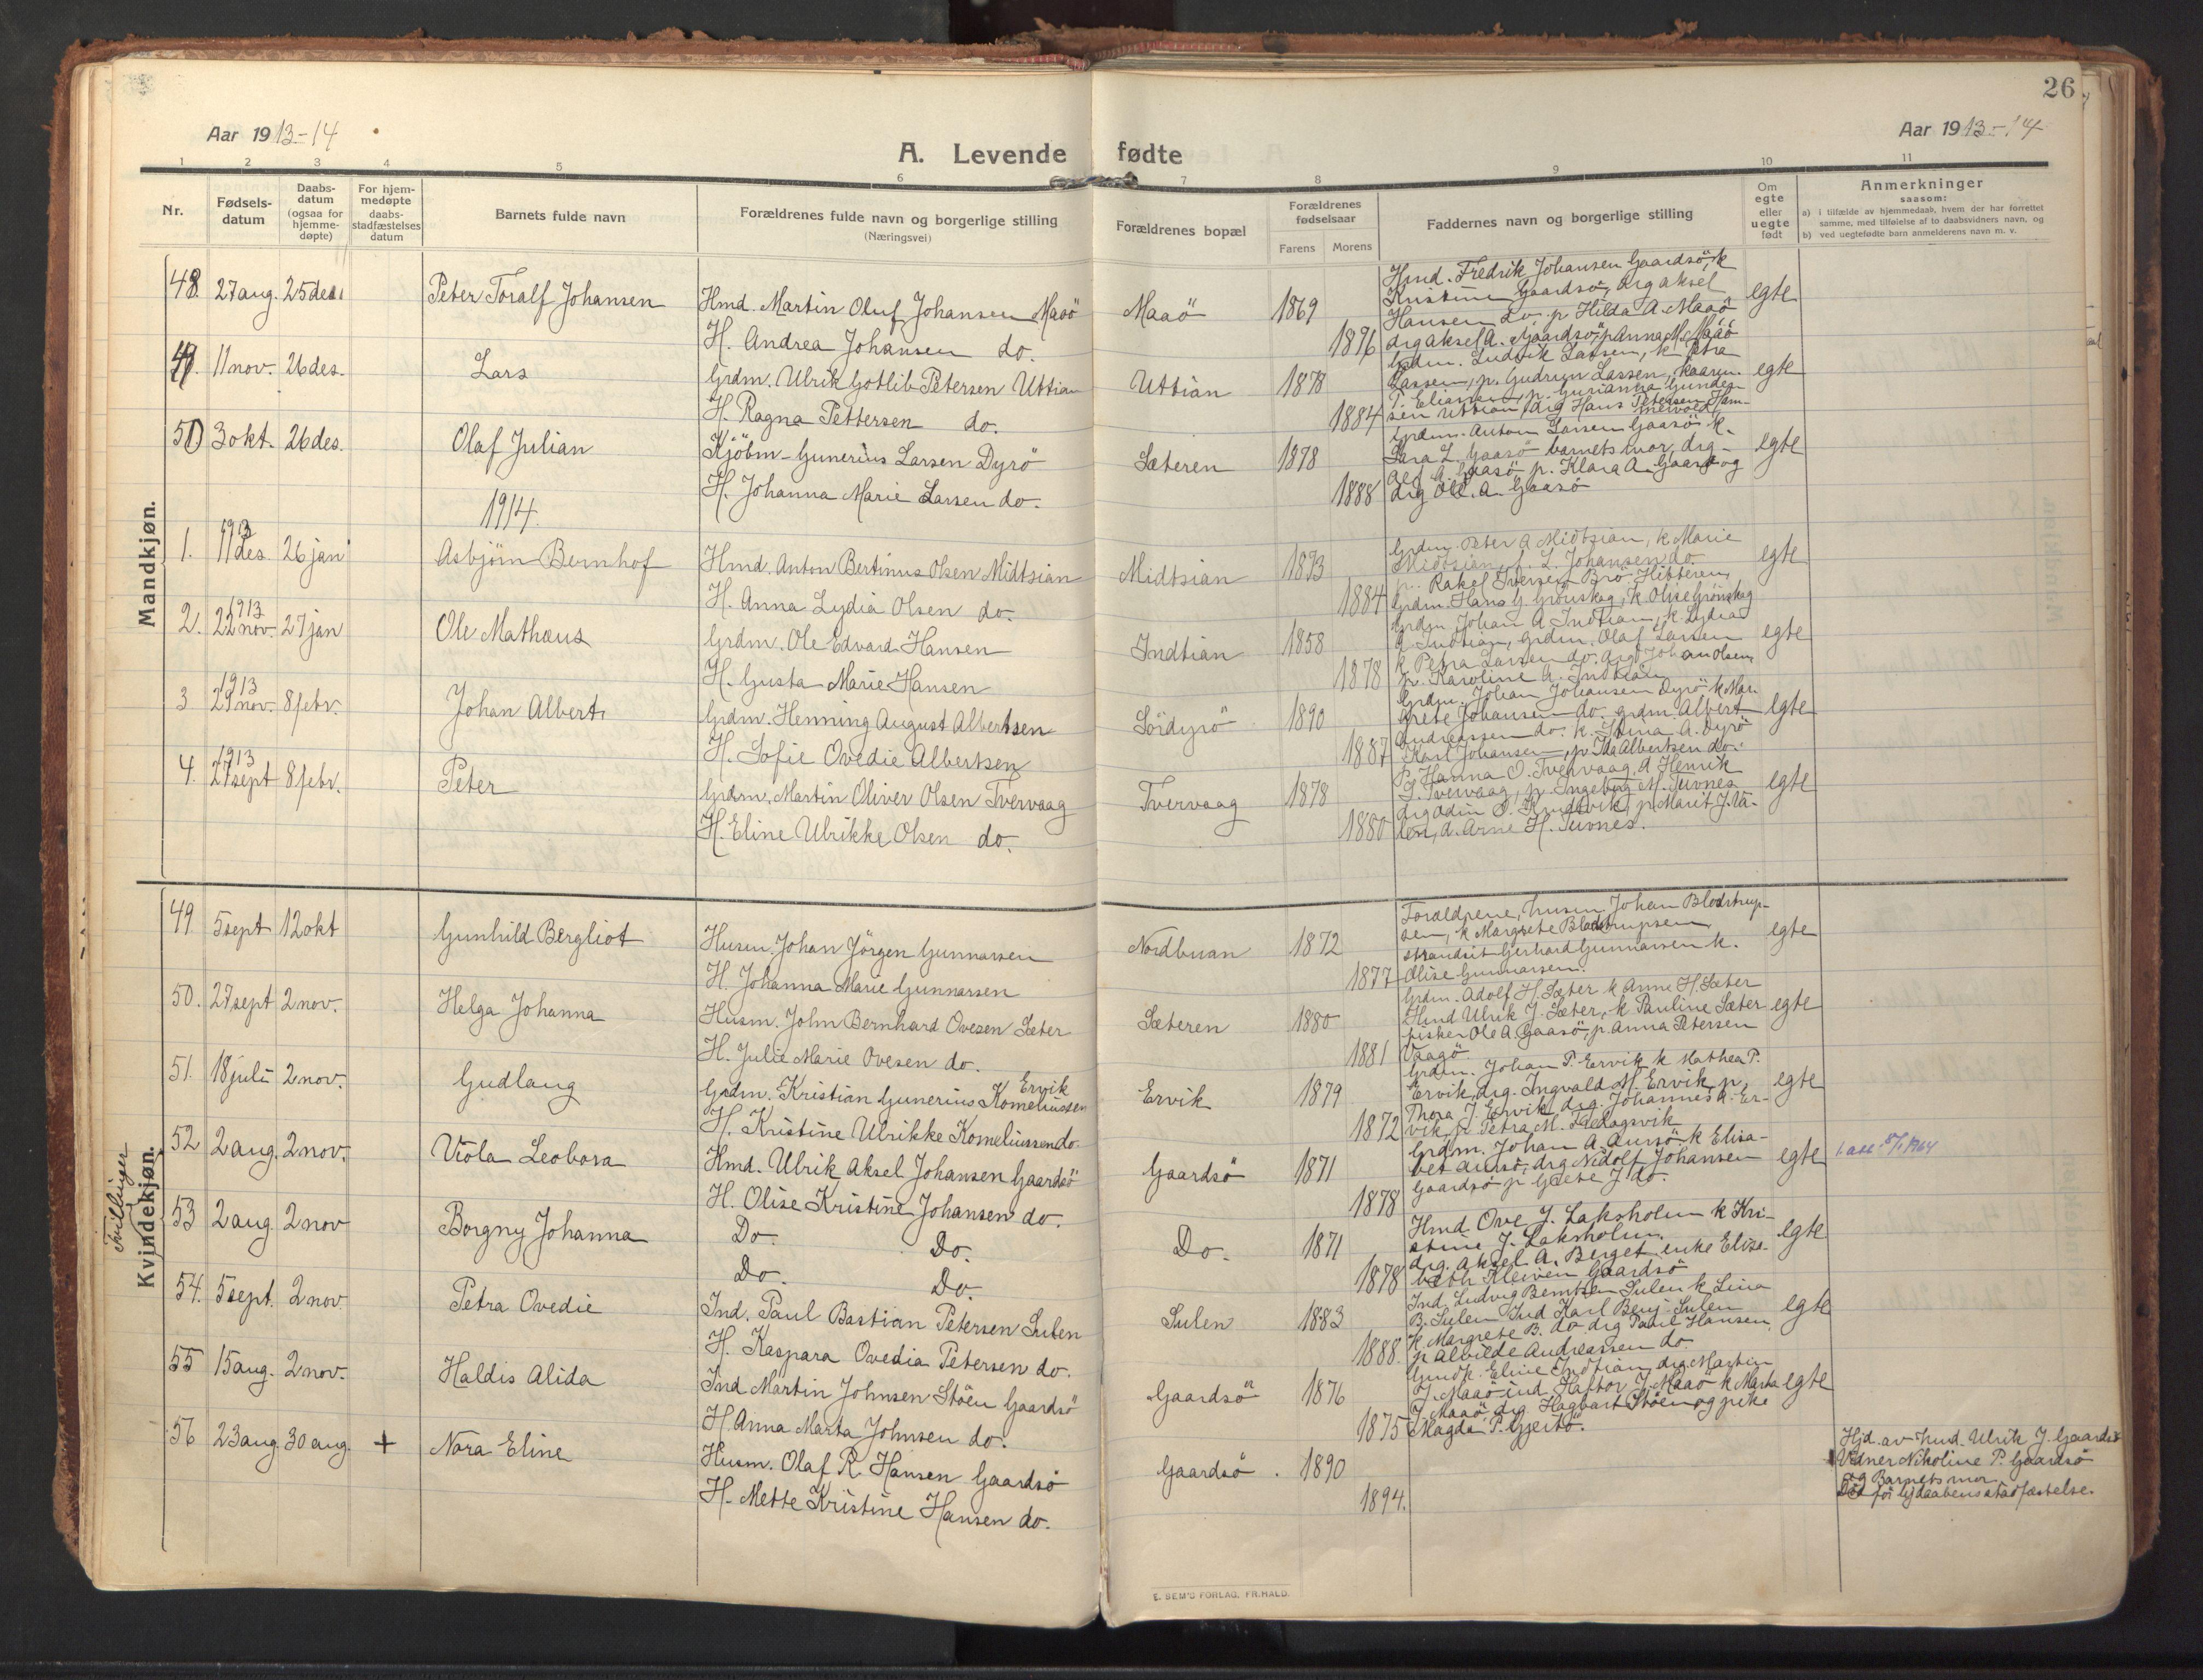 SAT, Ministerialprotokoller, klokkerbøker og fødselsregistre - Sør-Trøndelag, 640/L0581: Ministerialbok nr. 640A06, 1910-1924, s. 26